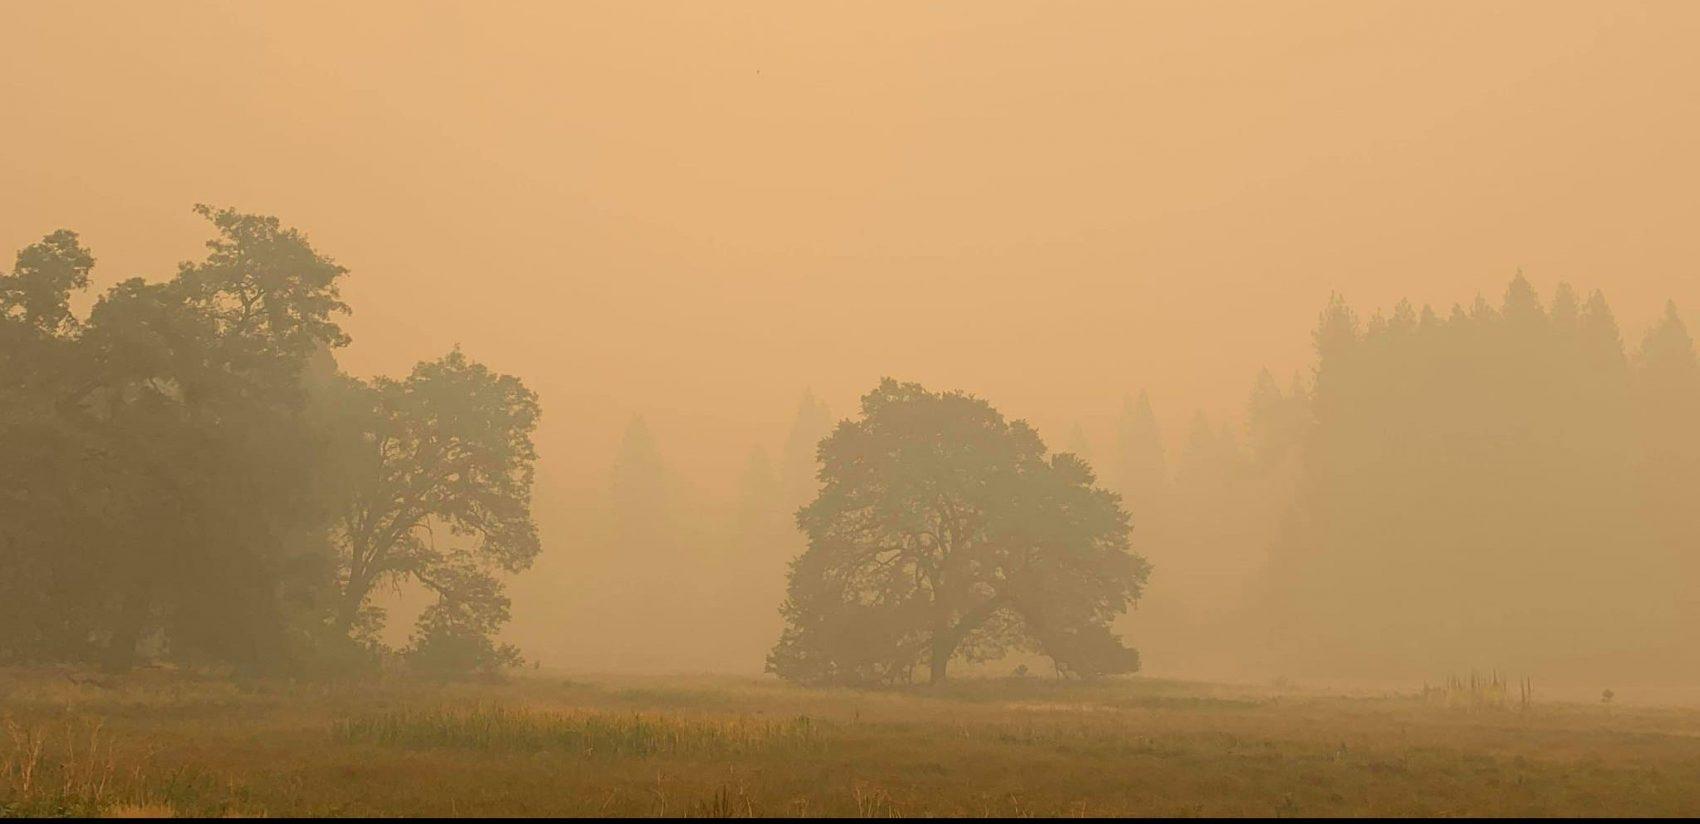 Yosemite, closed, wildfires, smoke